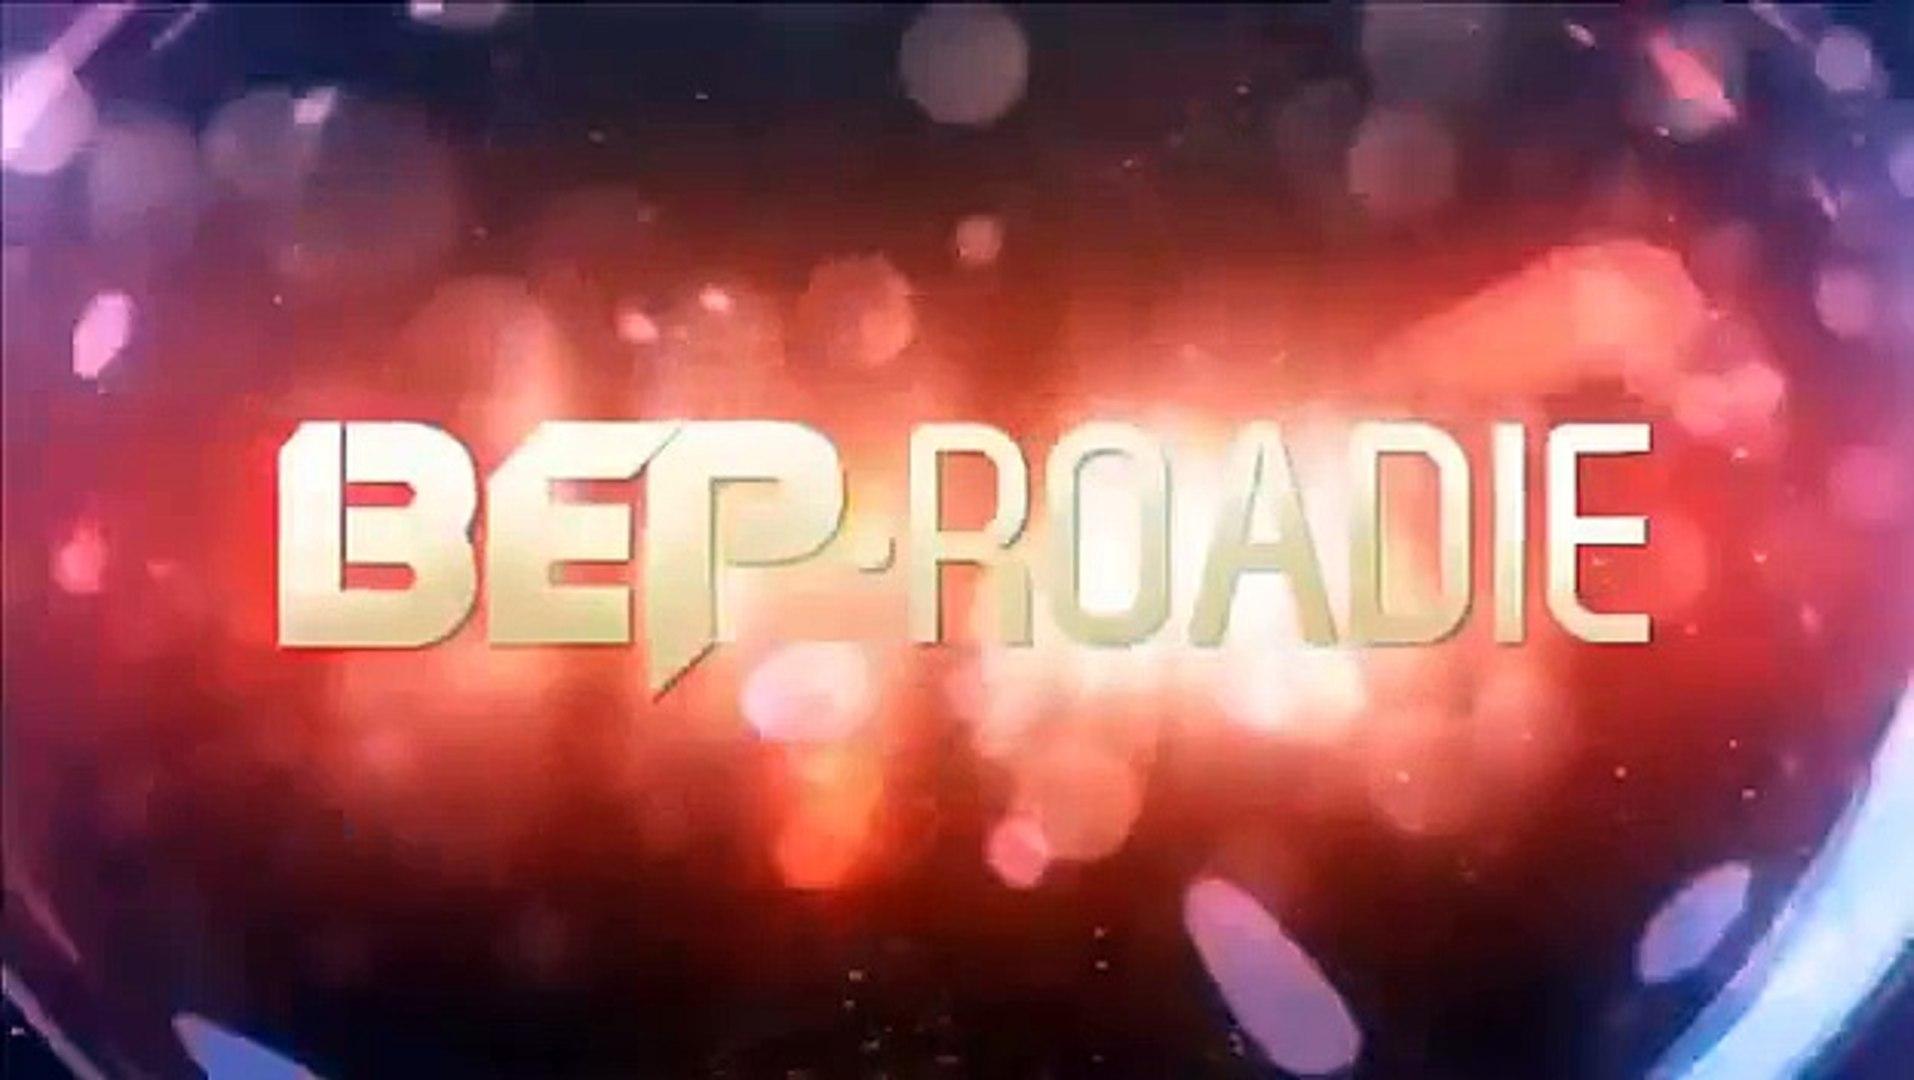 #BEProadie Taboo, integrante do Black Eyed Peas, convocando fãs para ser o Roadie 2.0 da banda